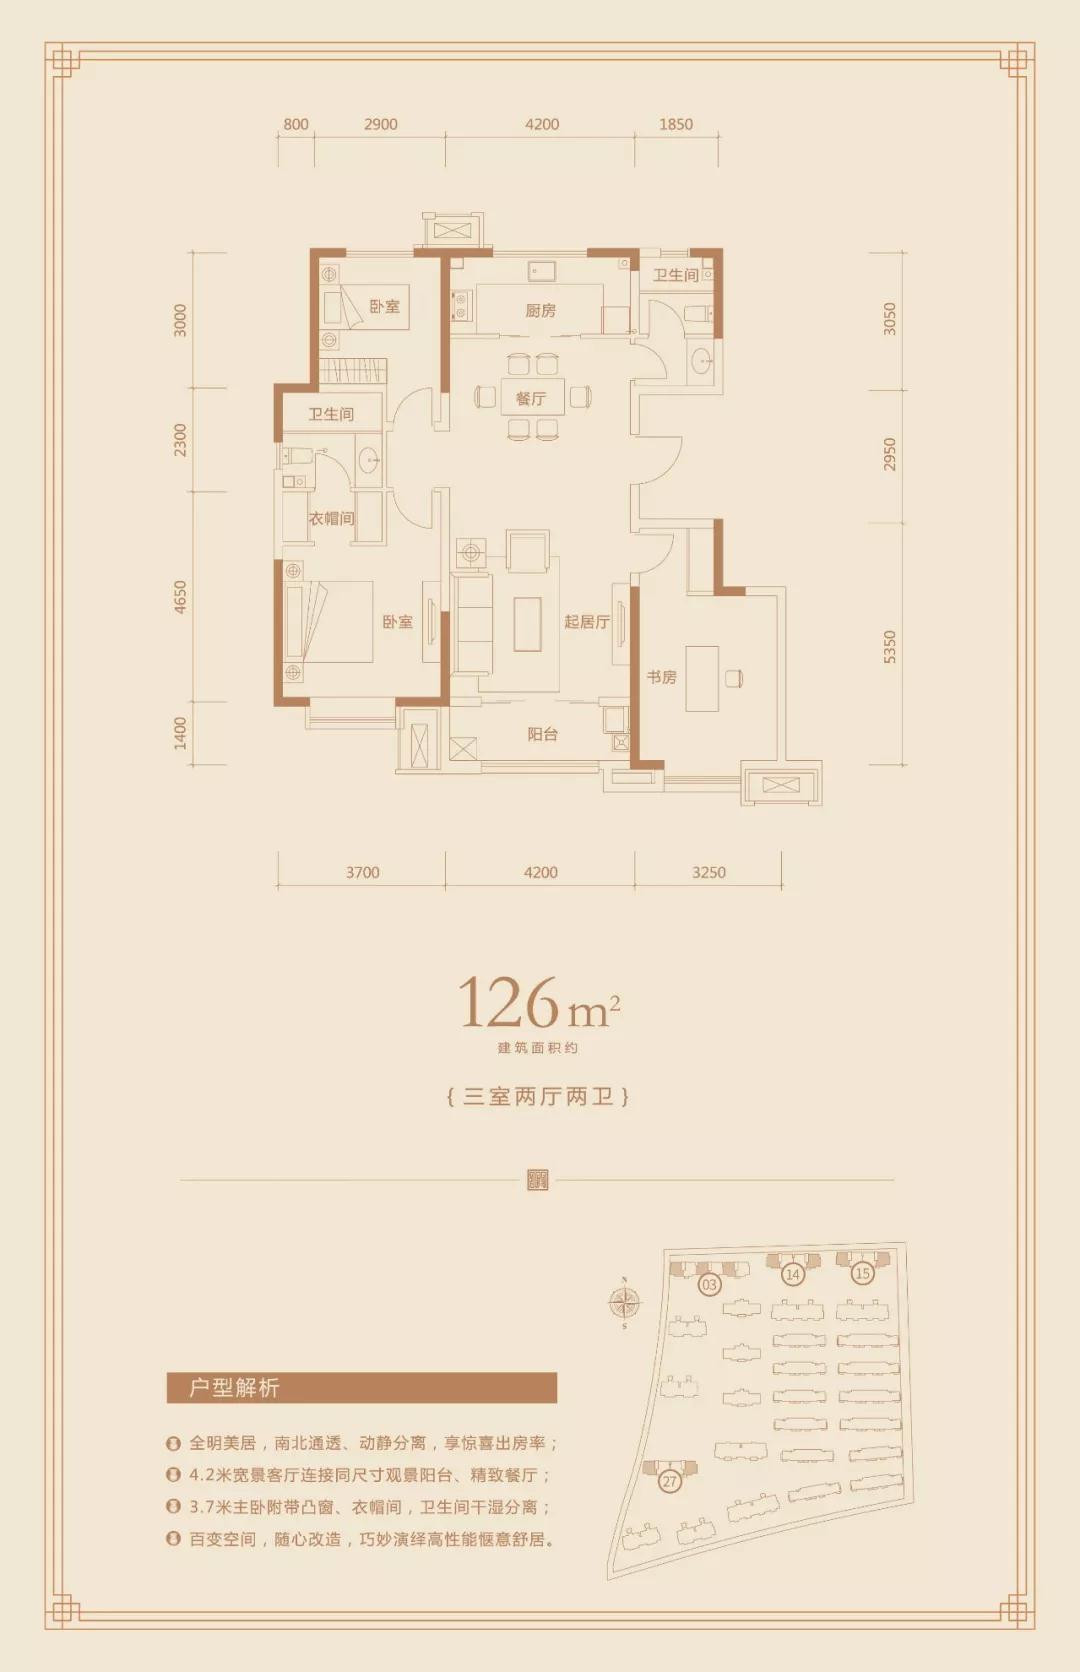 洋房D户型 三室两厅两卫126平米